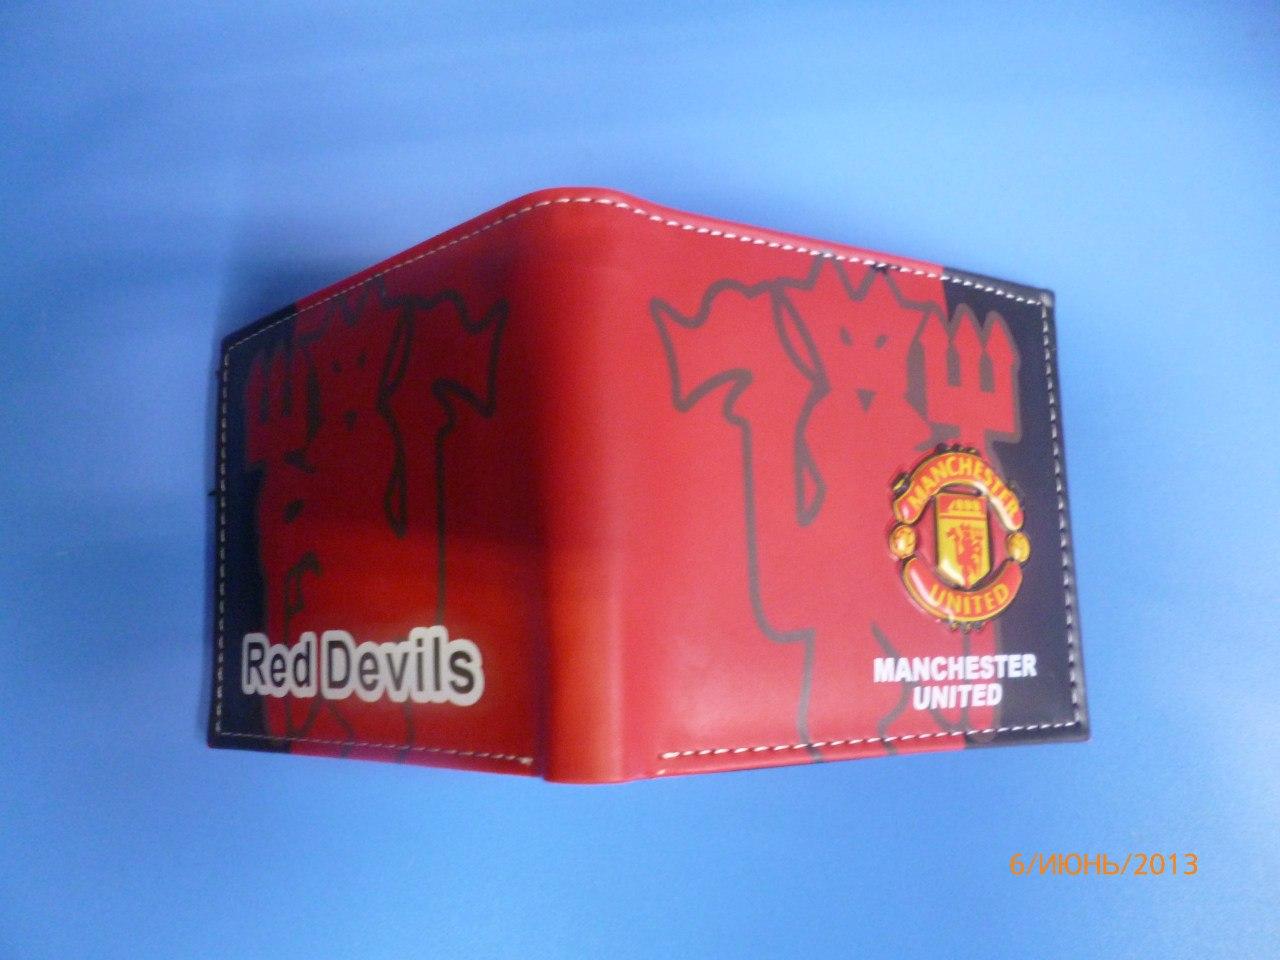 f750fda658a7 ... Кошелёк с символикой футбольного клуба Манчестер Юнайтед. Фирменные магазины  спортивной одежды МИР РЕГБИ Красноярск. ...